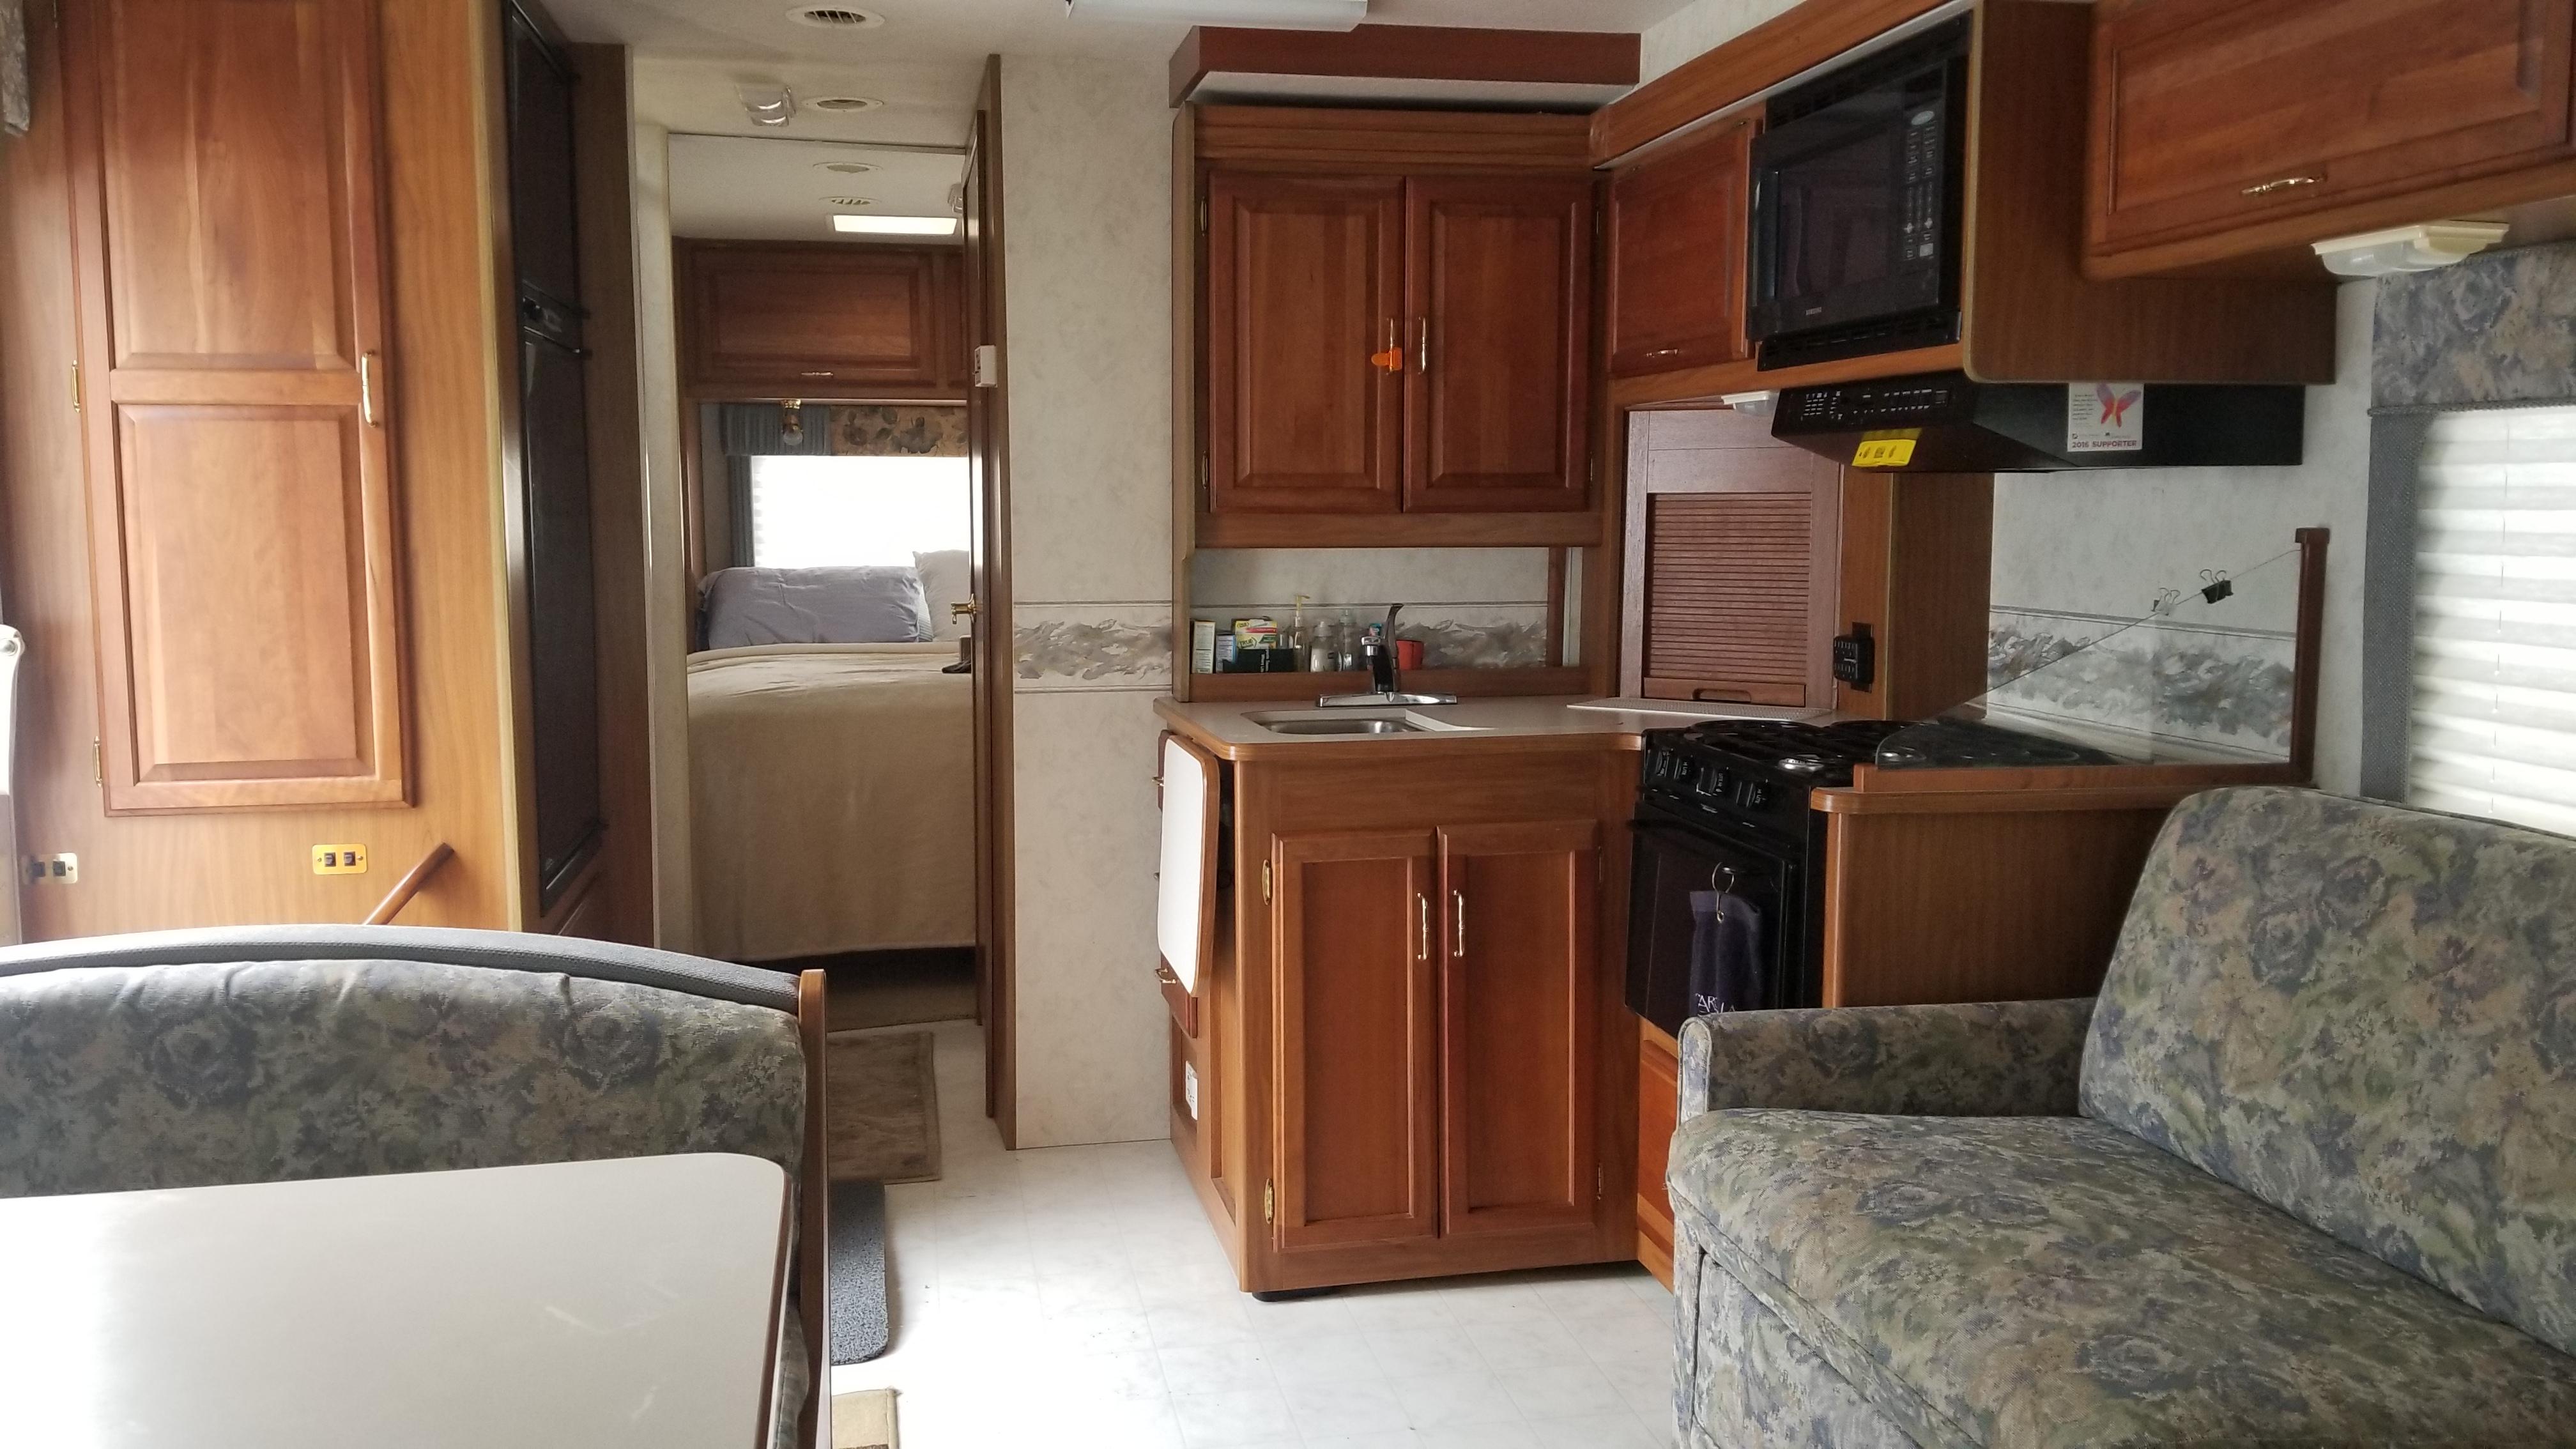 Kitchen Cabinets Albany Ny Craigslist | Taraba Home Review